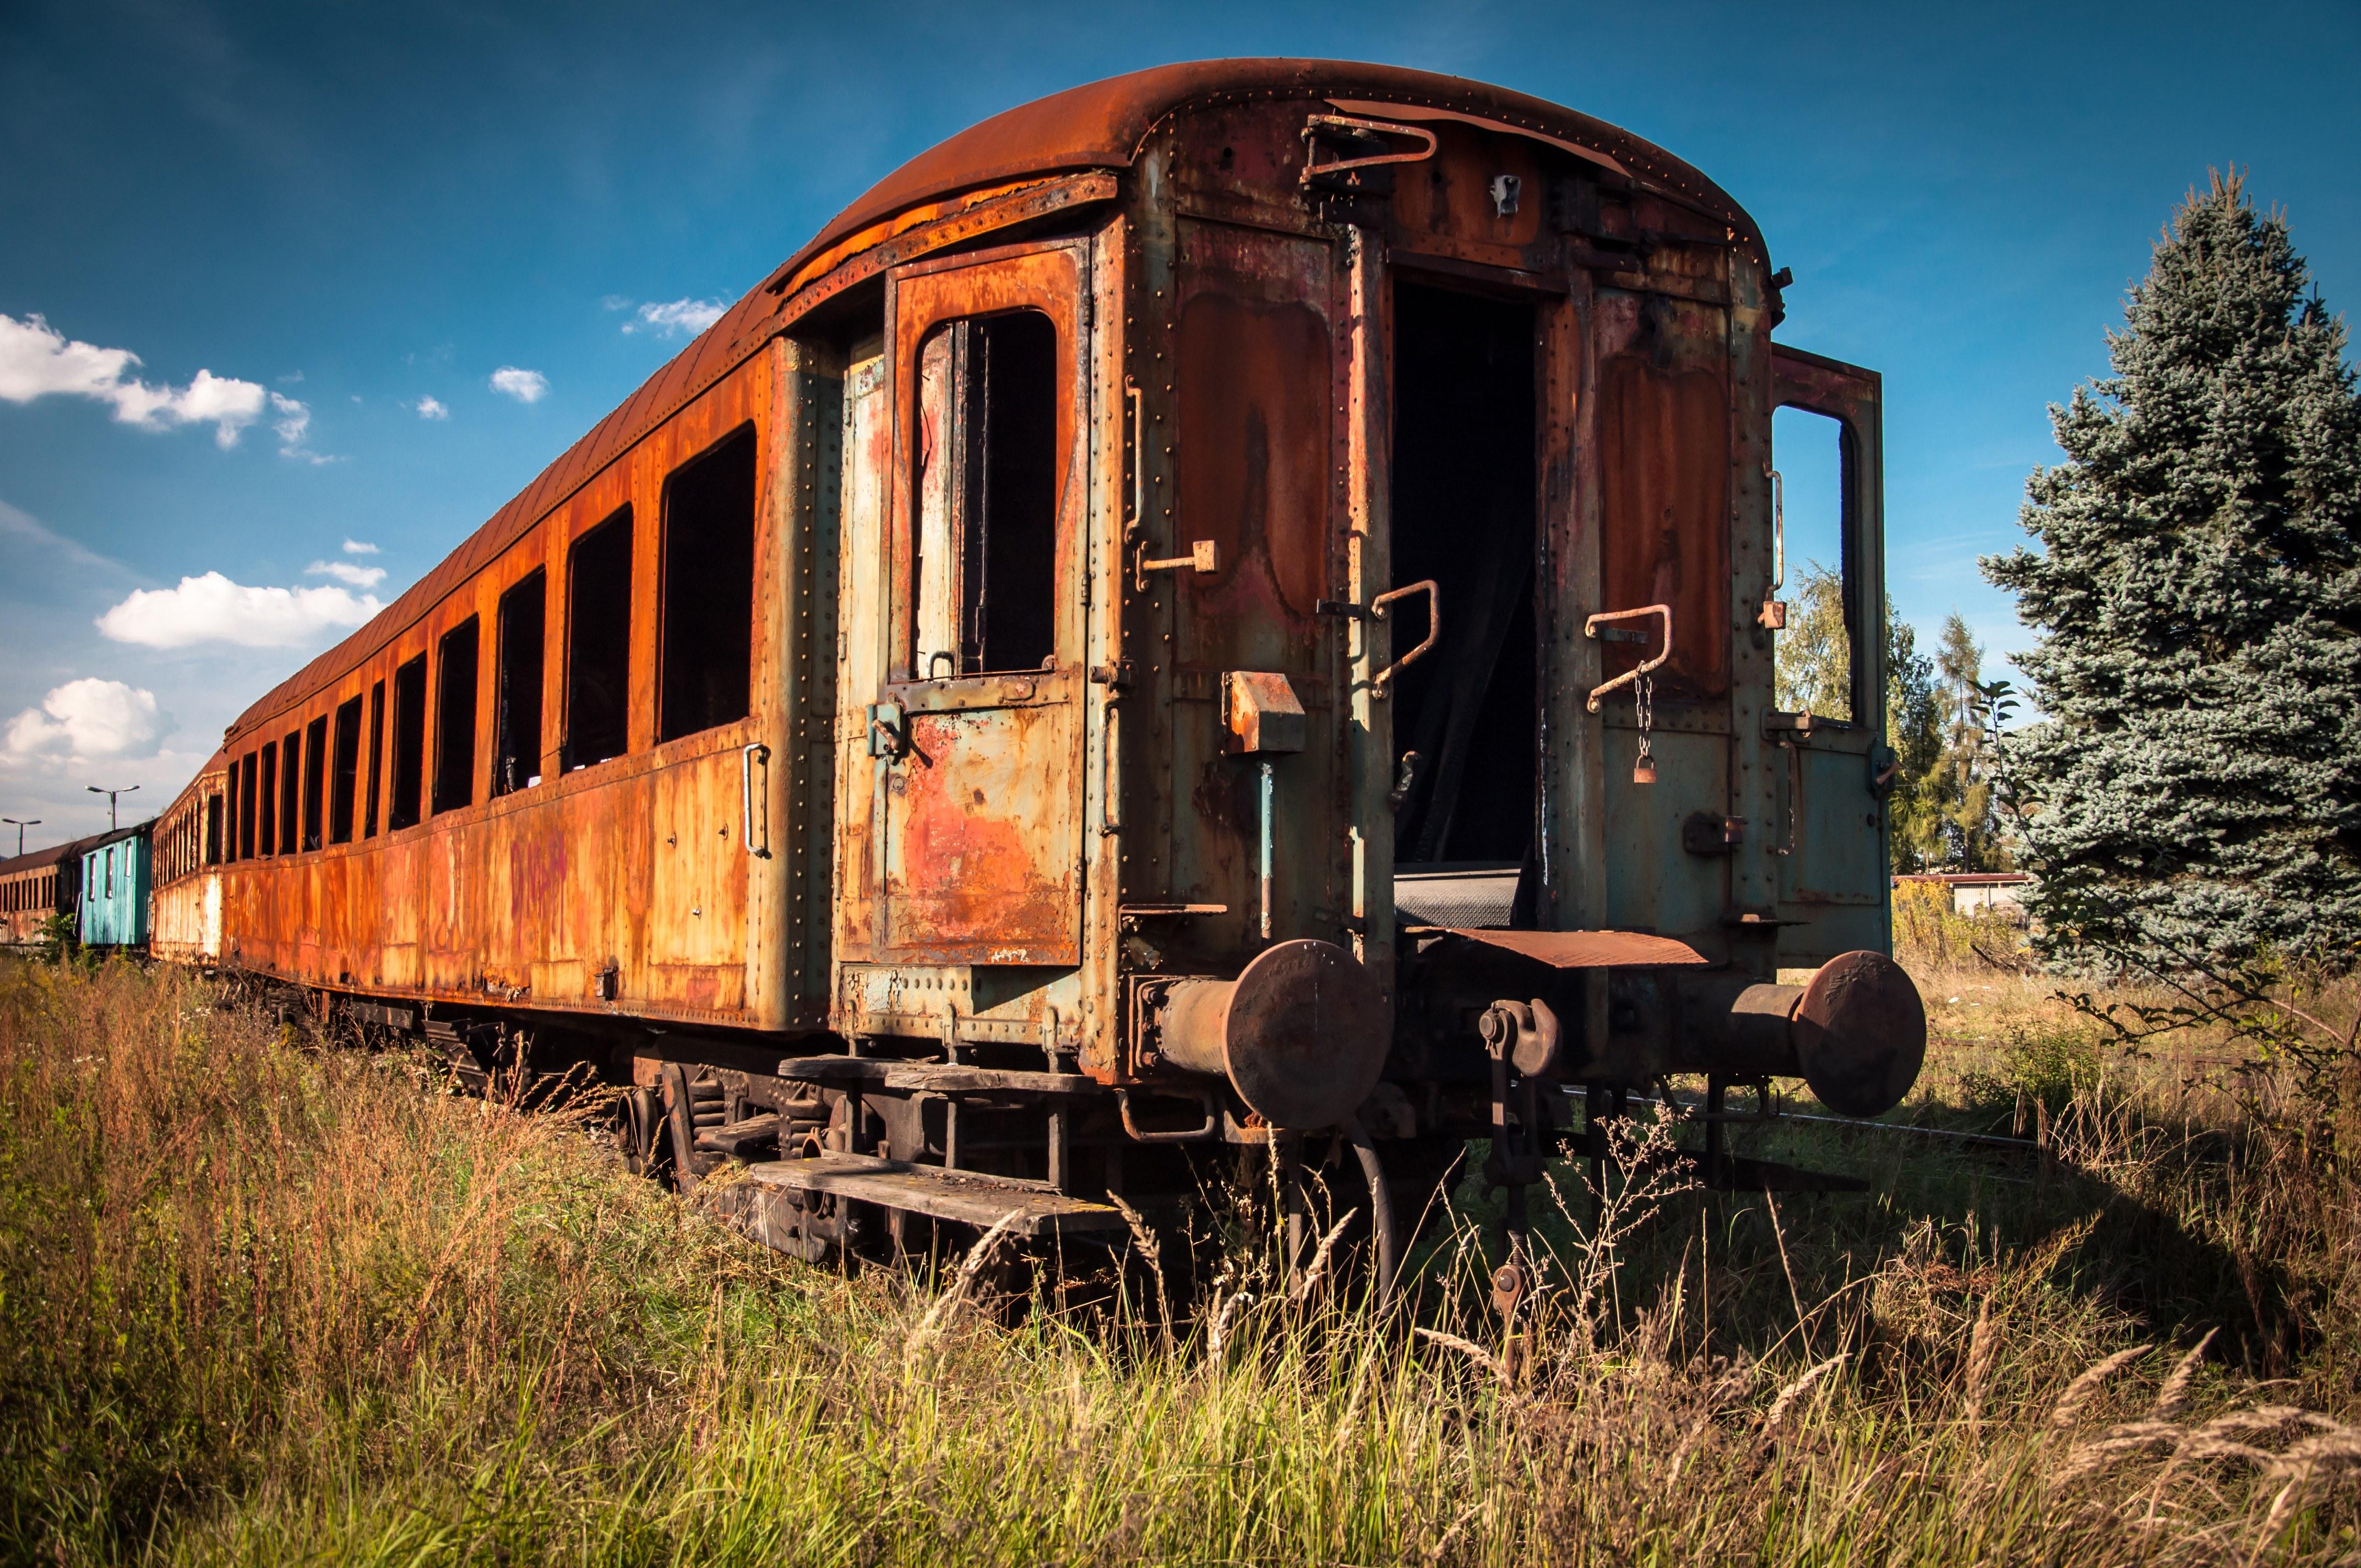 images gratuites piste chemin de fer voiture vieux train v hicule cimeti re locomotive. Black Bedroom Furniture Sets. Home Design Ideas